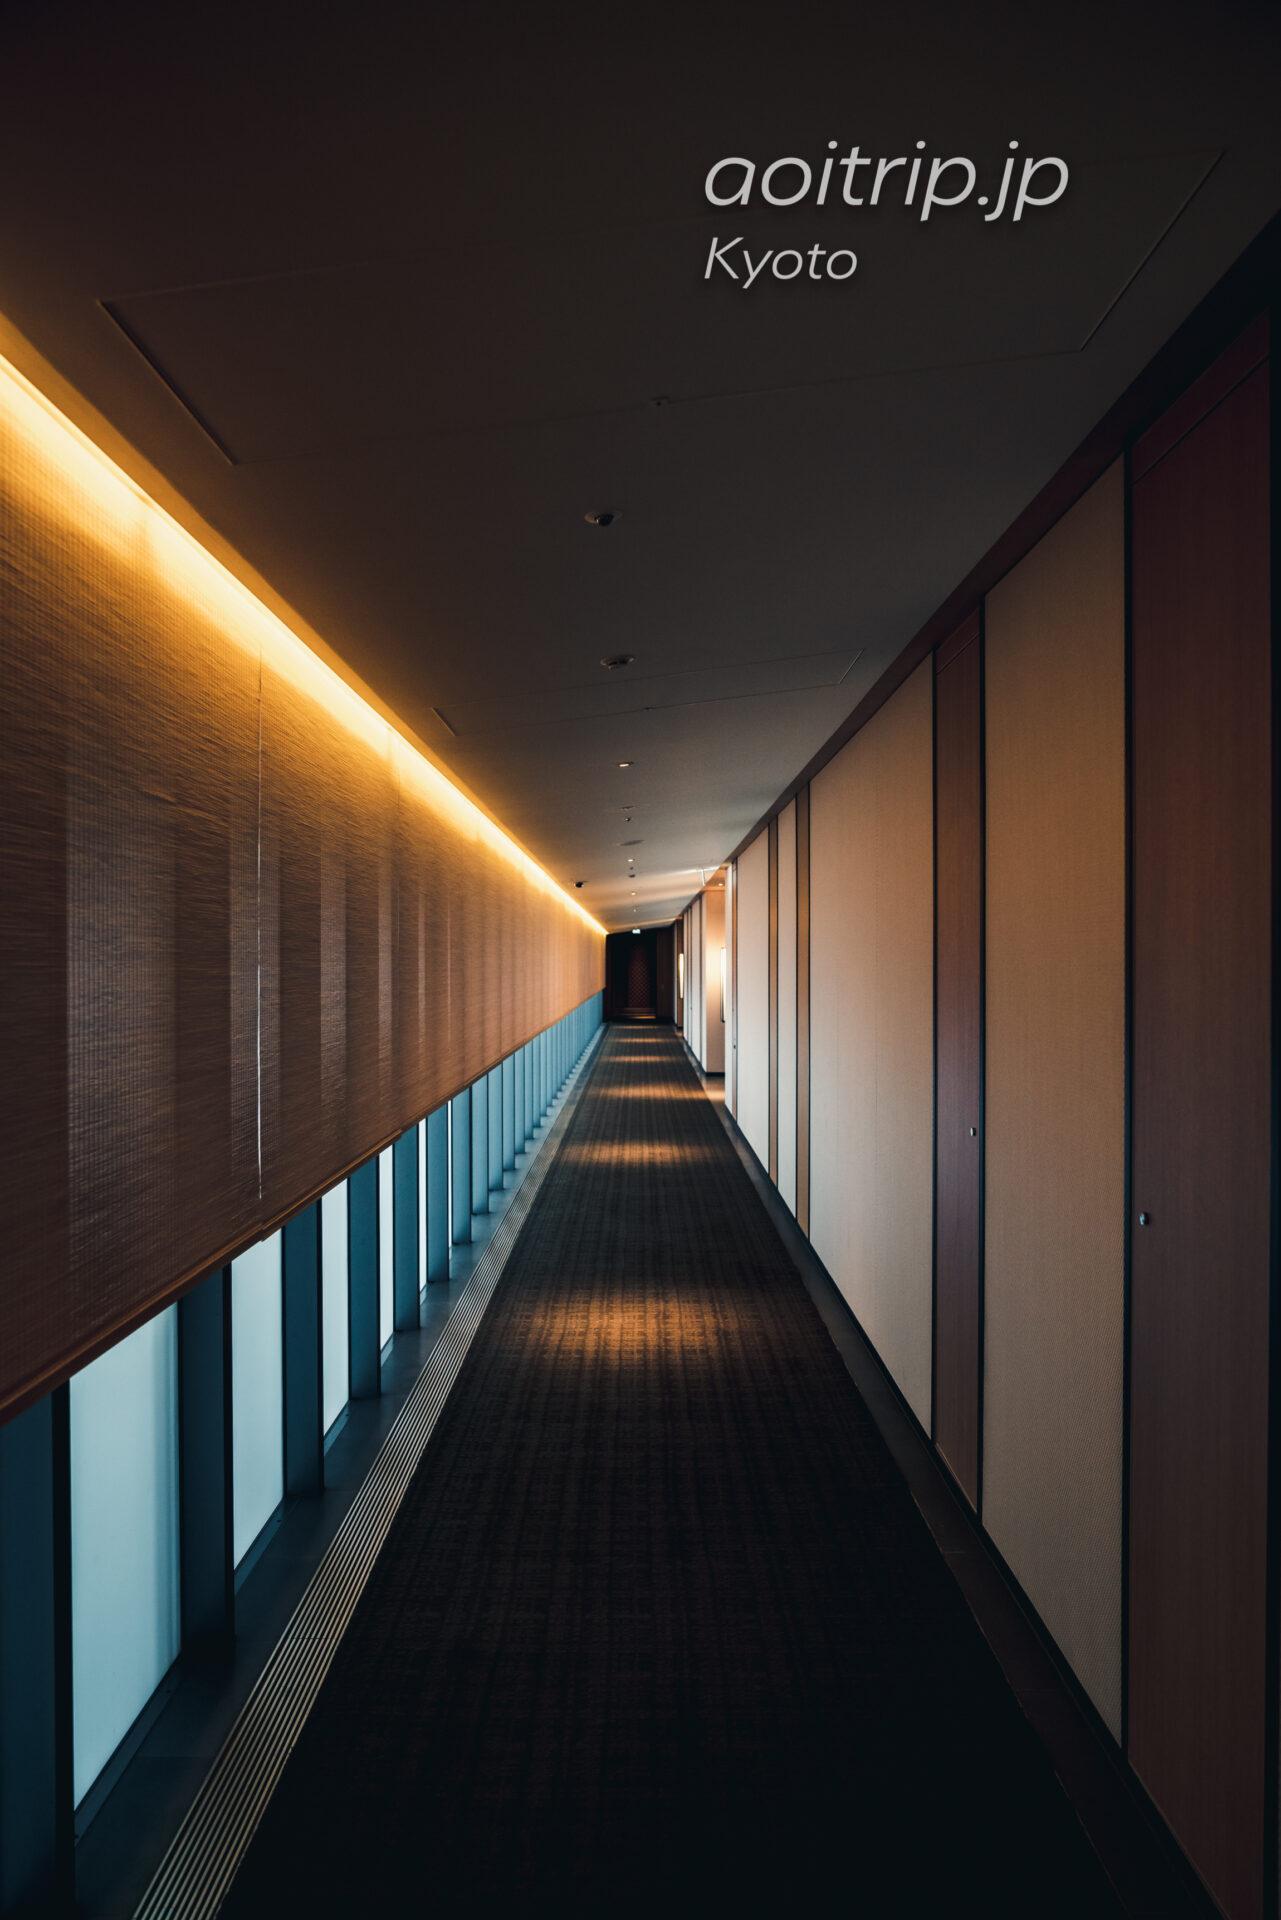 ザ リッツ カールトン京都のホテル内廊下